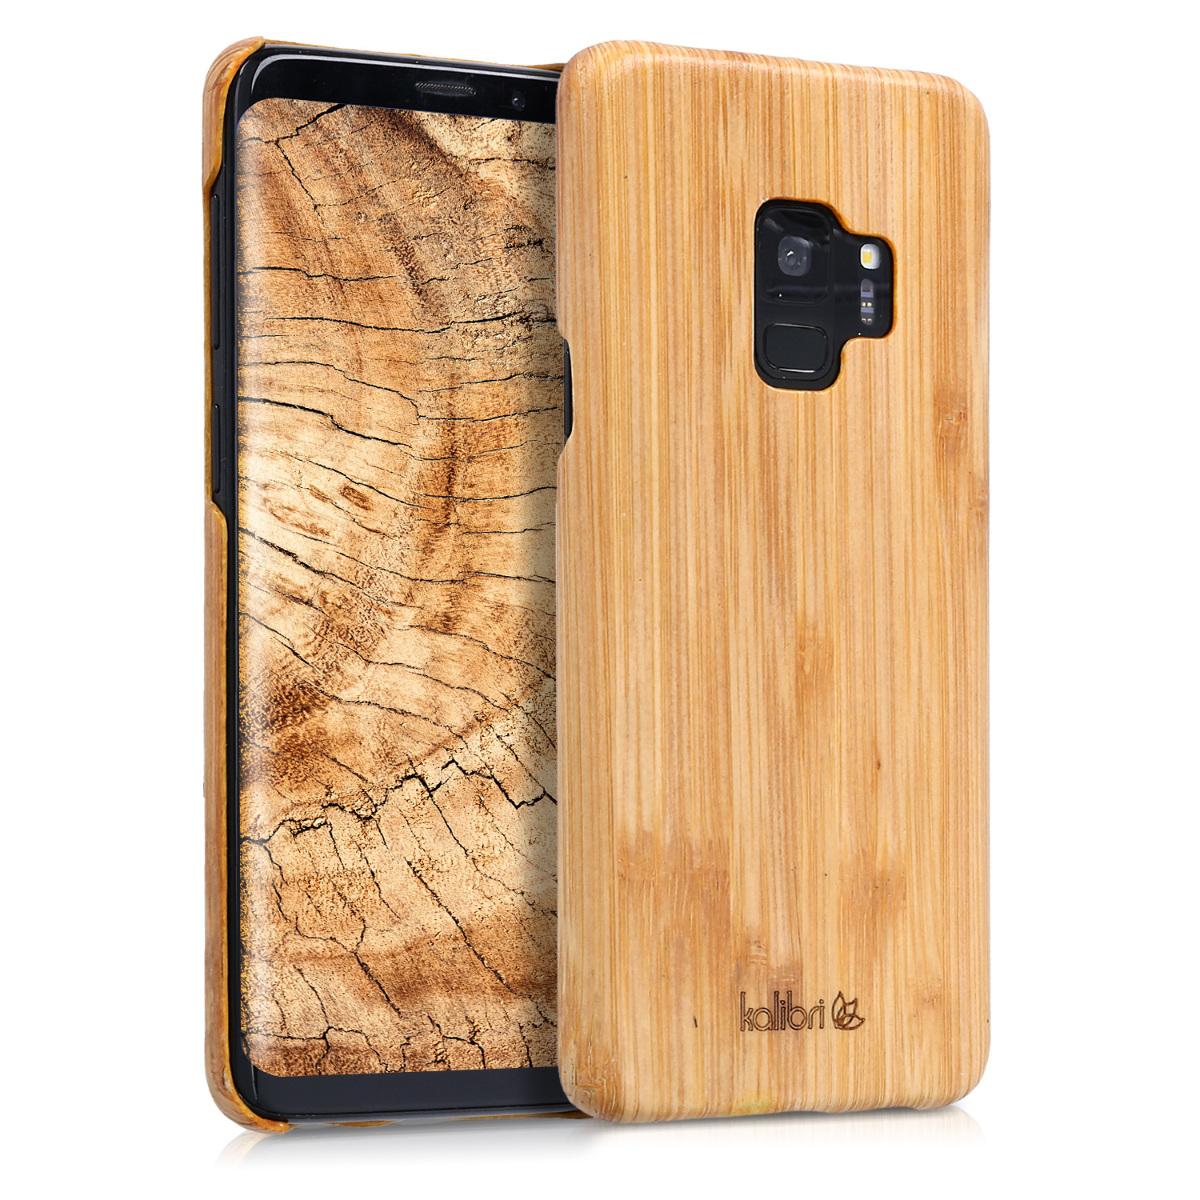 Pouzdro pro Samsung Galaxy S9 - Ultra Slim Natural Hard Dřevěné  Protective Cover